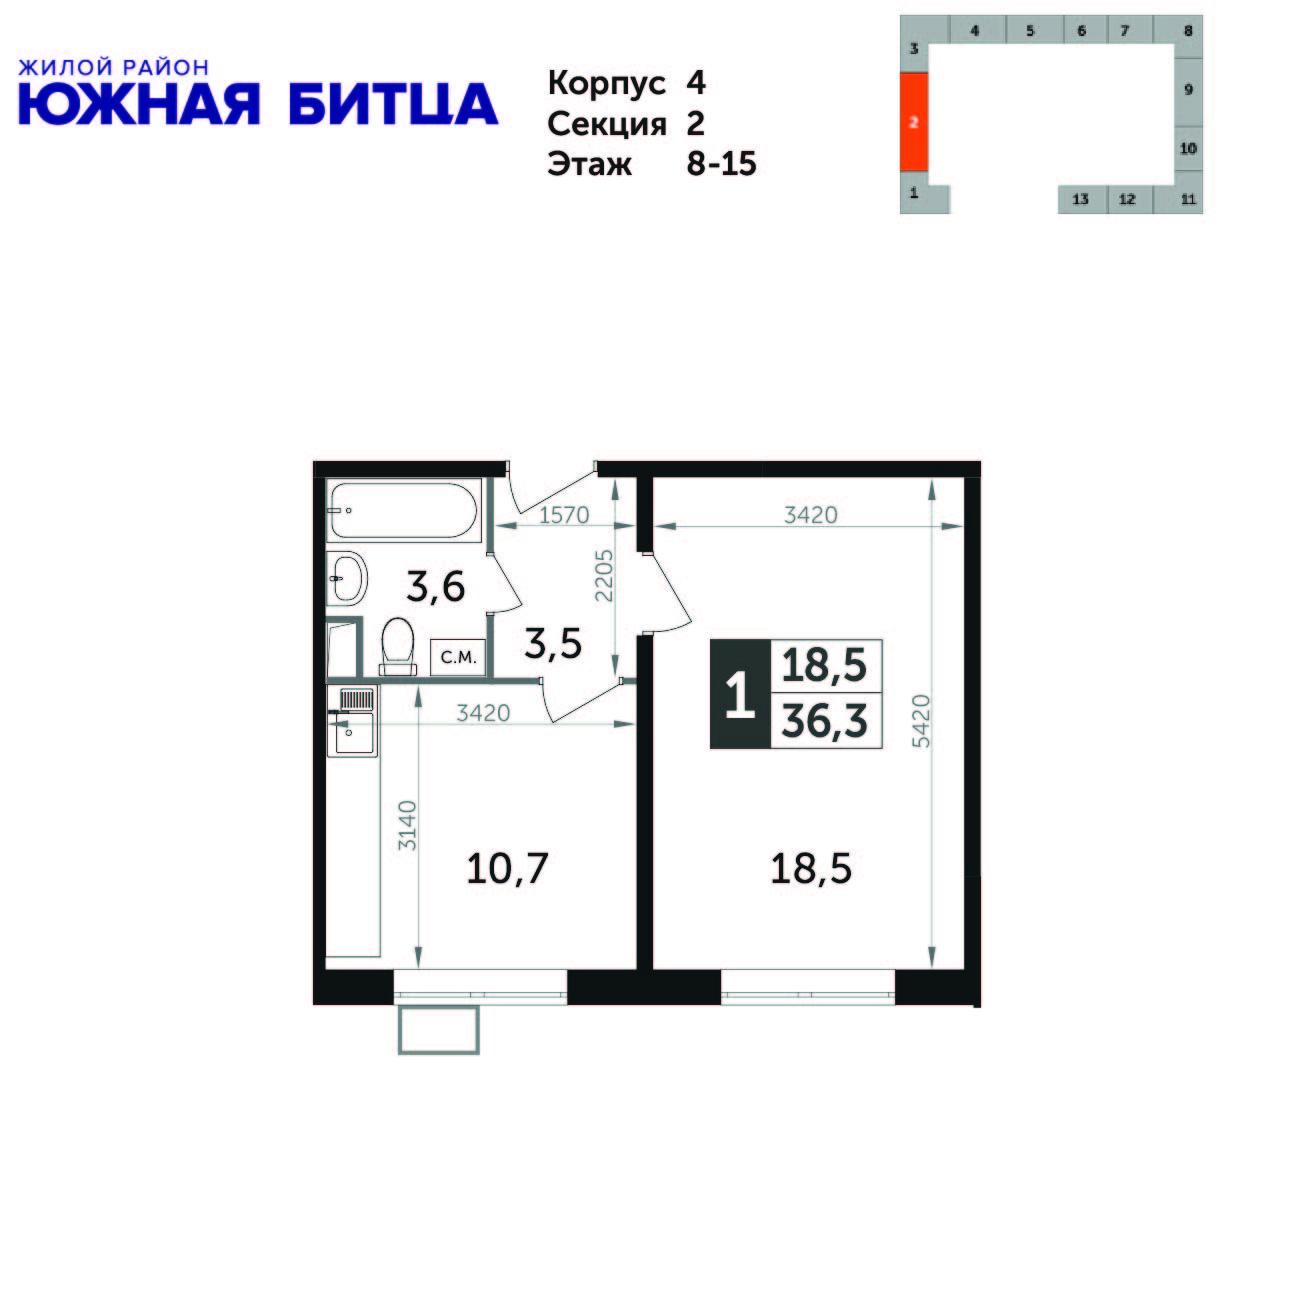 1-комнатная квартира, 36.3м² за 5,7 млн руб.